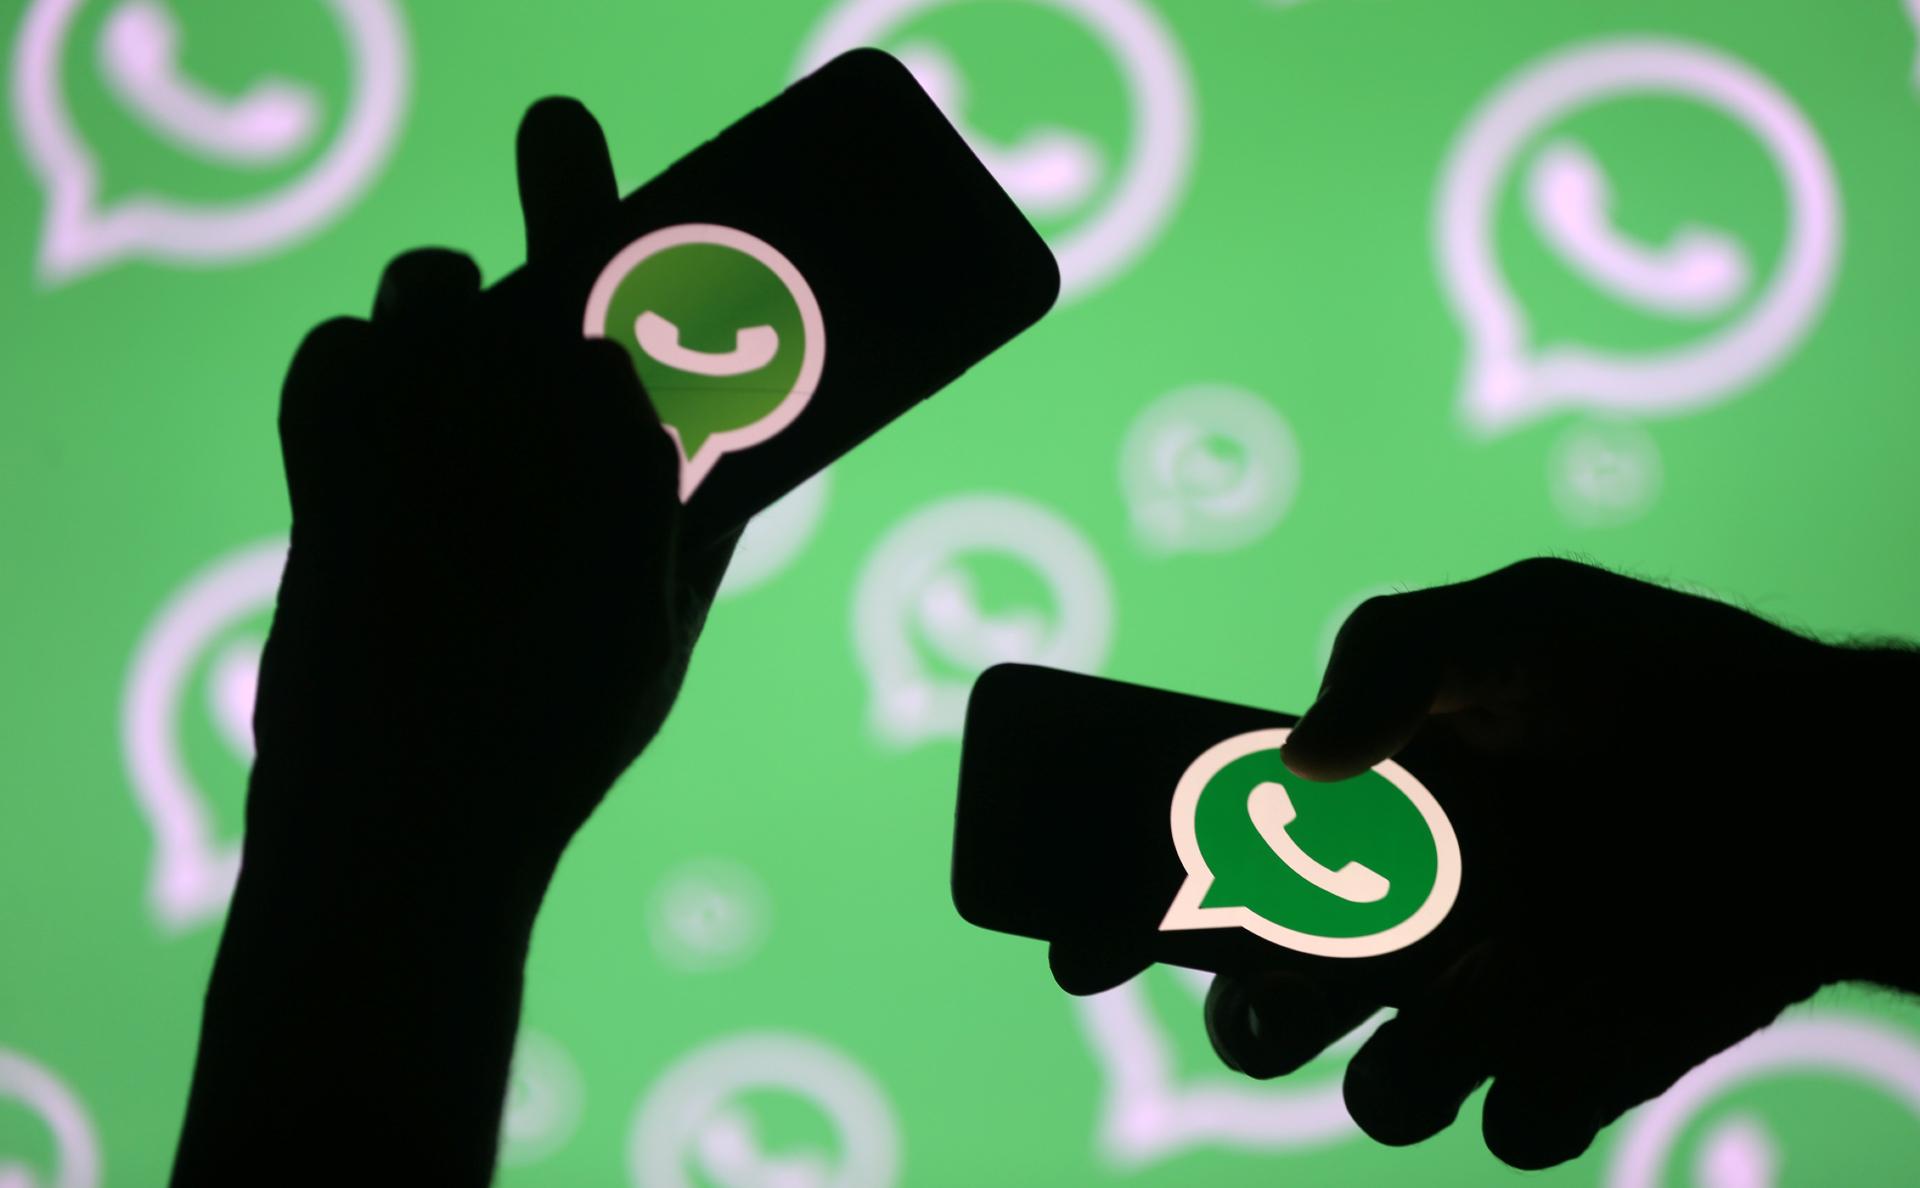 Оставайся на связи_подборка лучших мессенджеров для ПК и смартфона - лого whatsapp